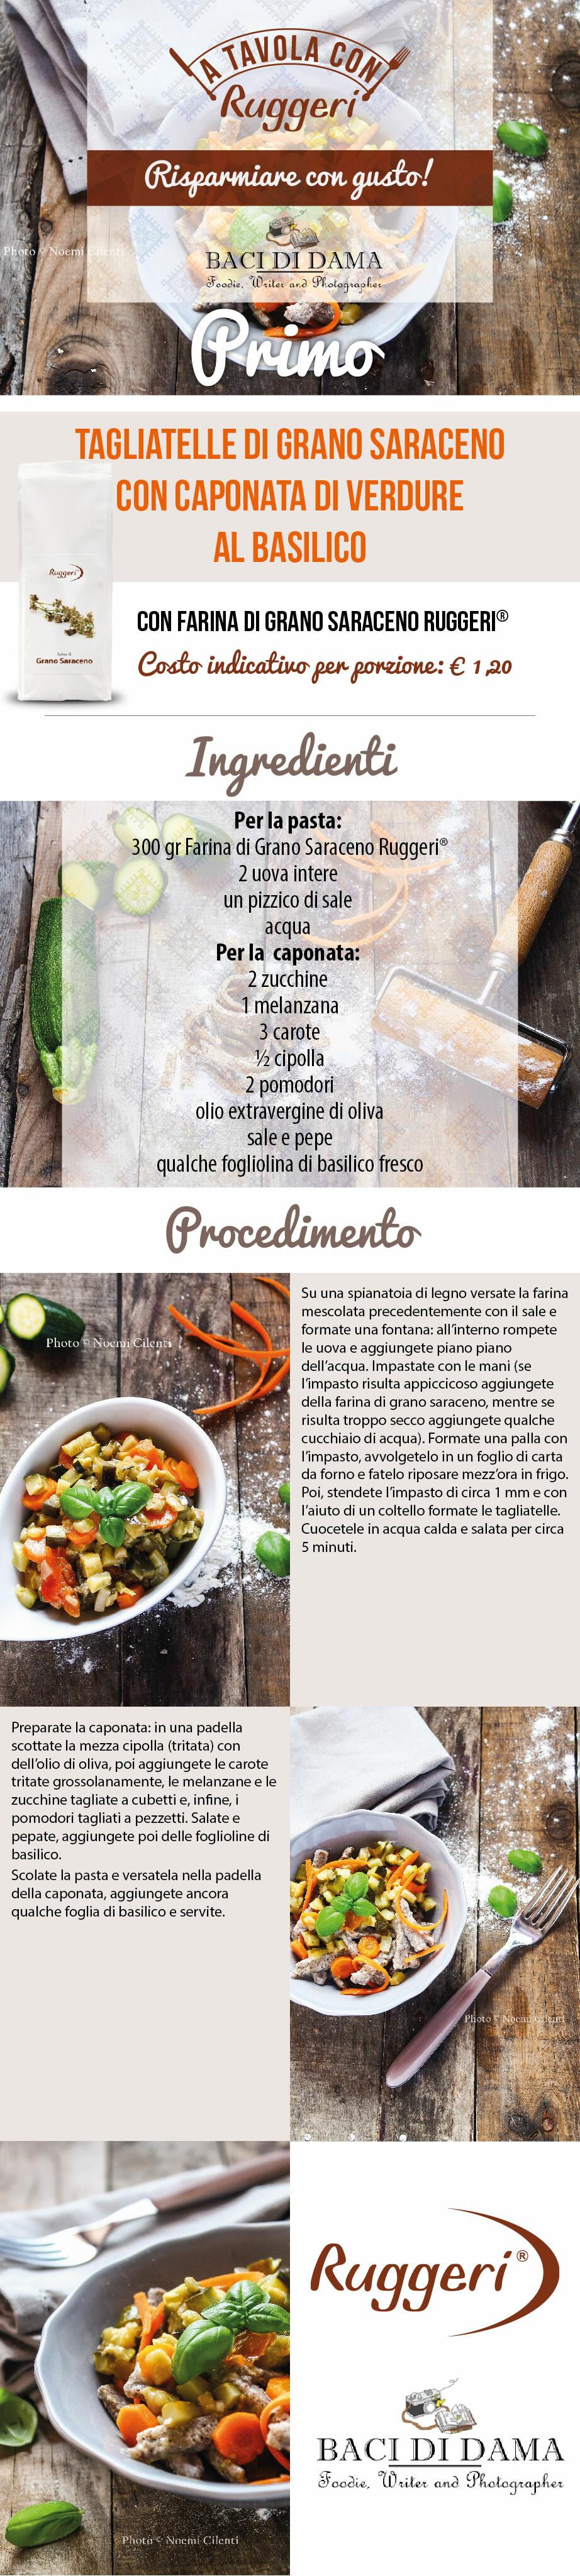 022_a_tavola_con_ruggeri_primo